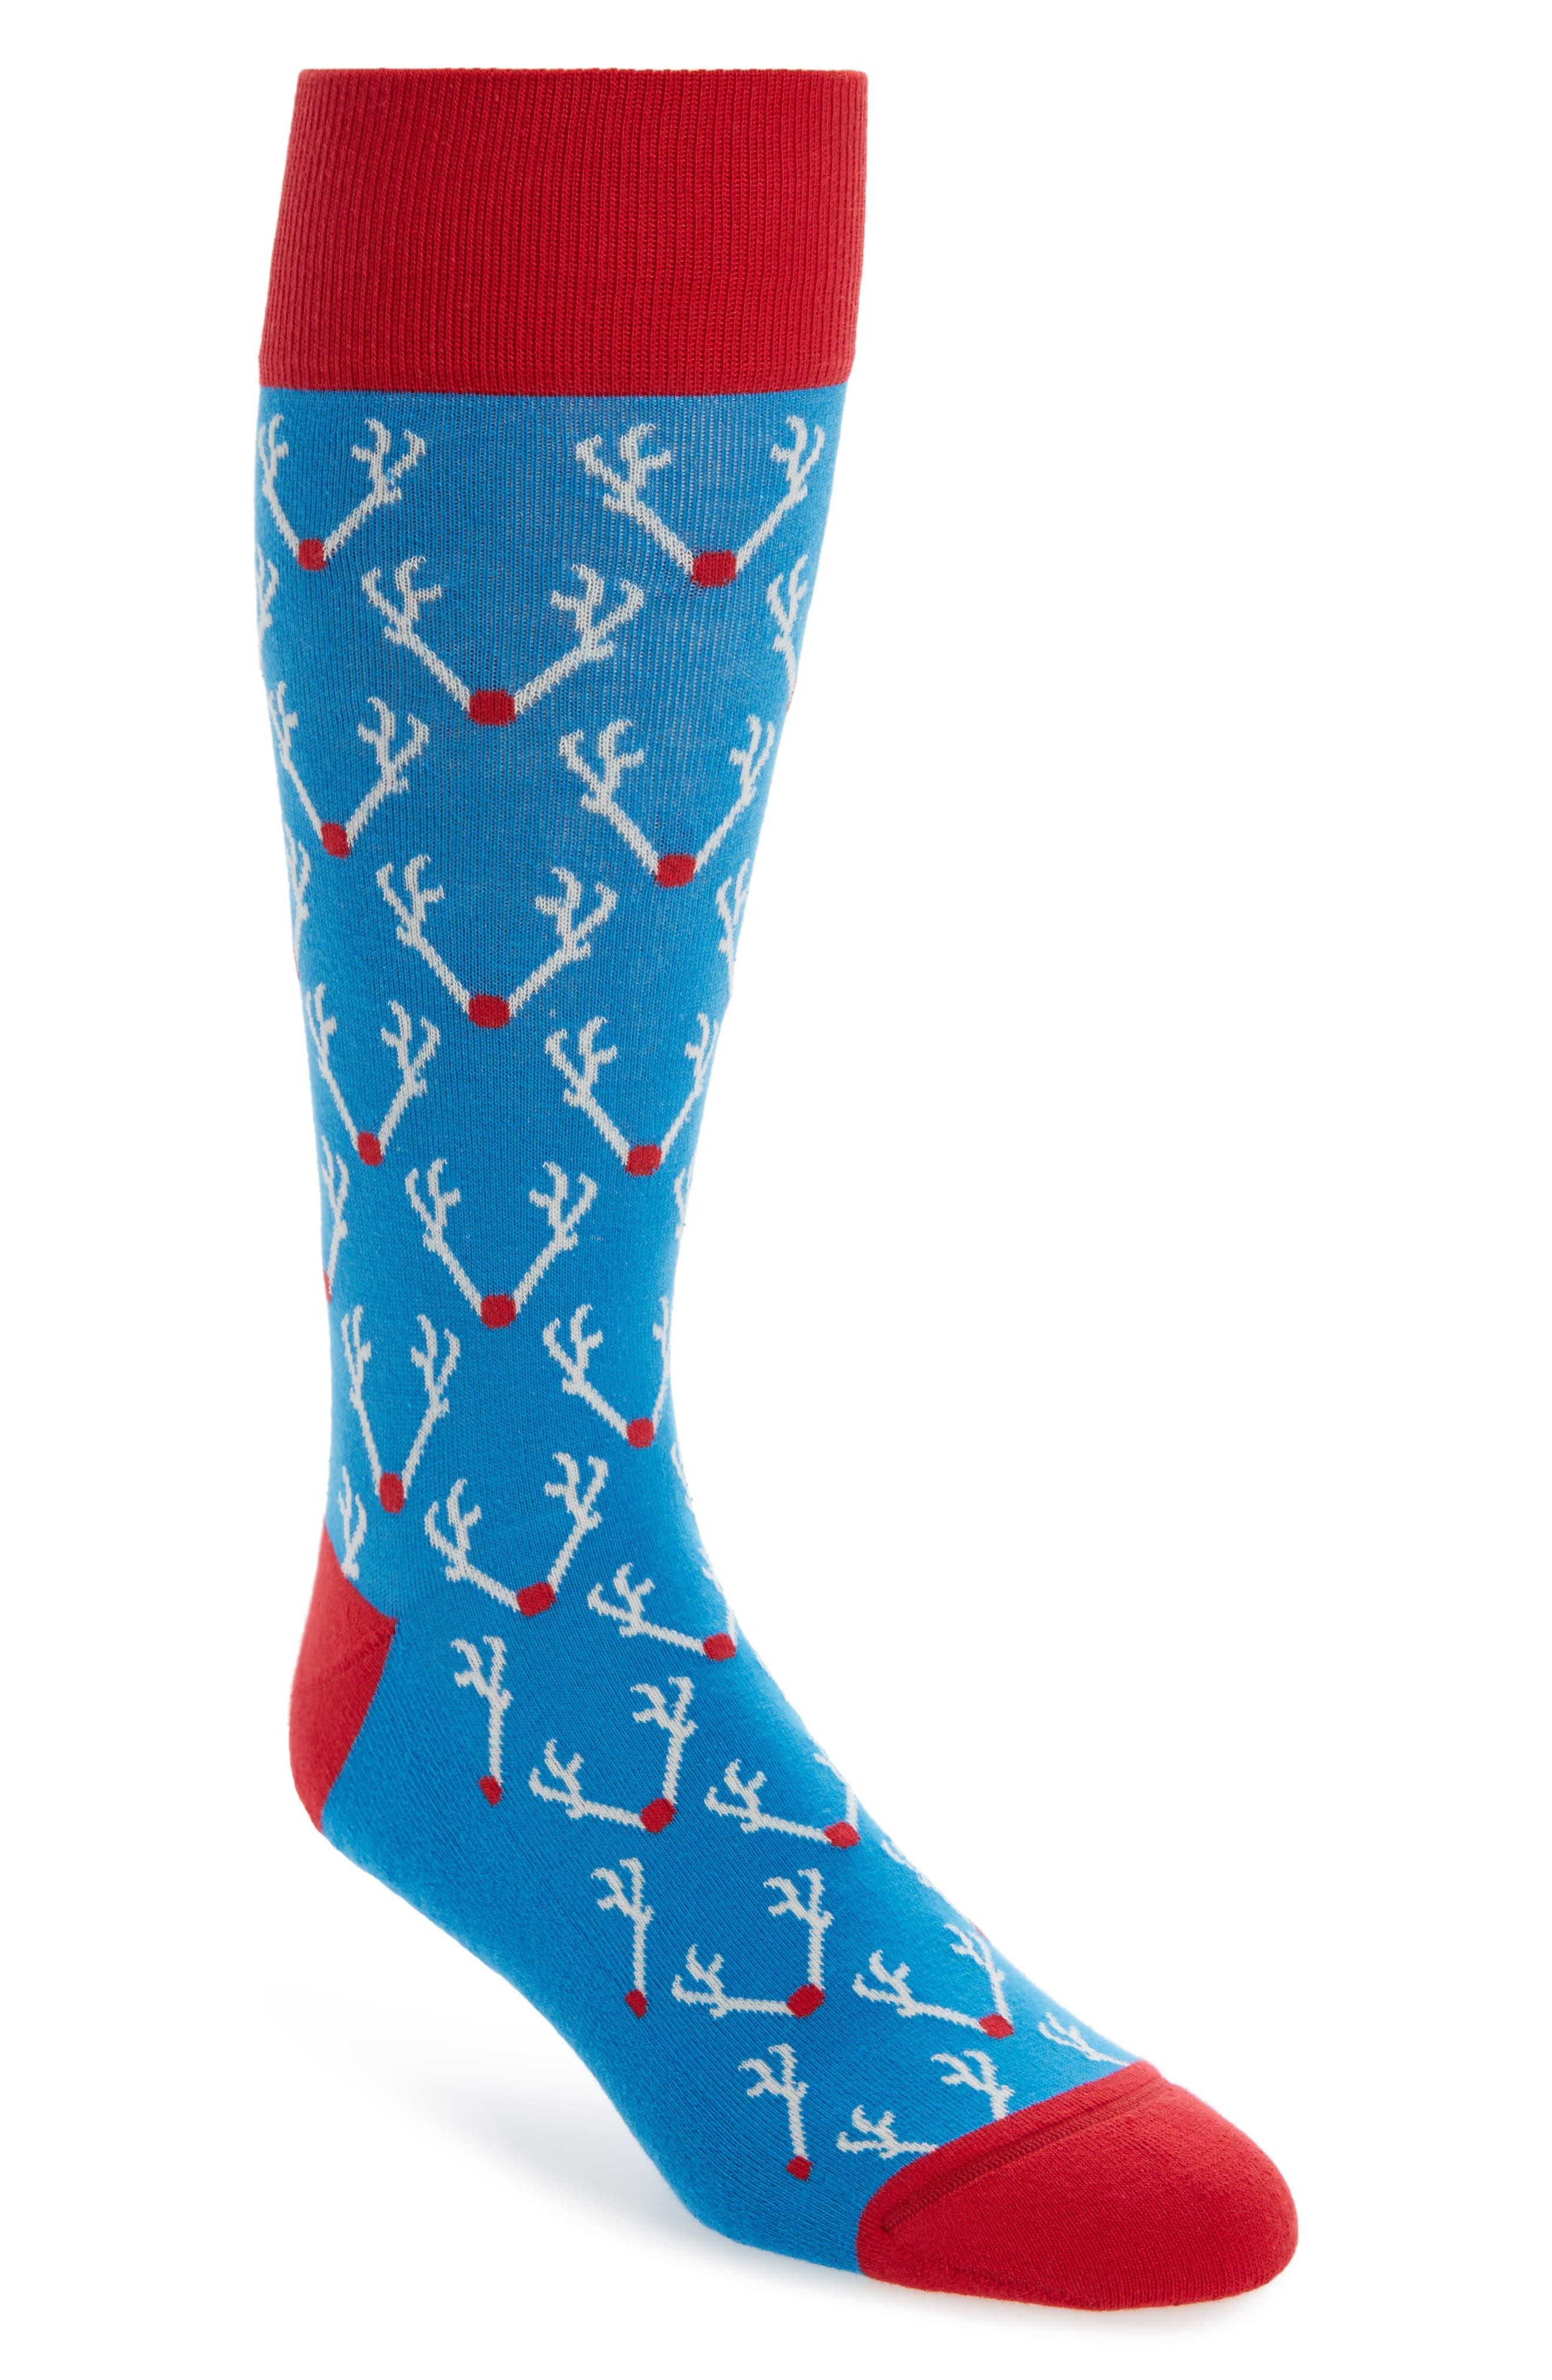 Main Image - Nordstrom Men's Shop Holiday Antlers Socks